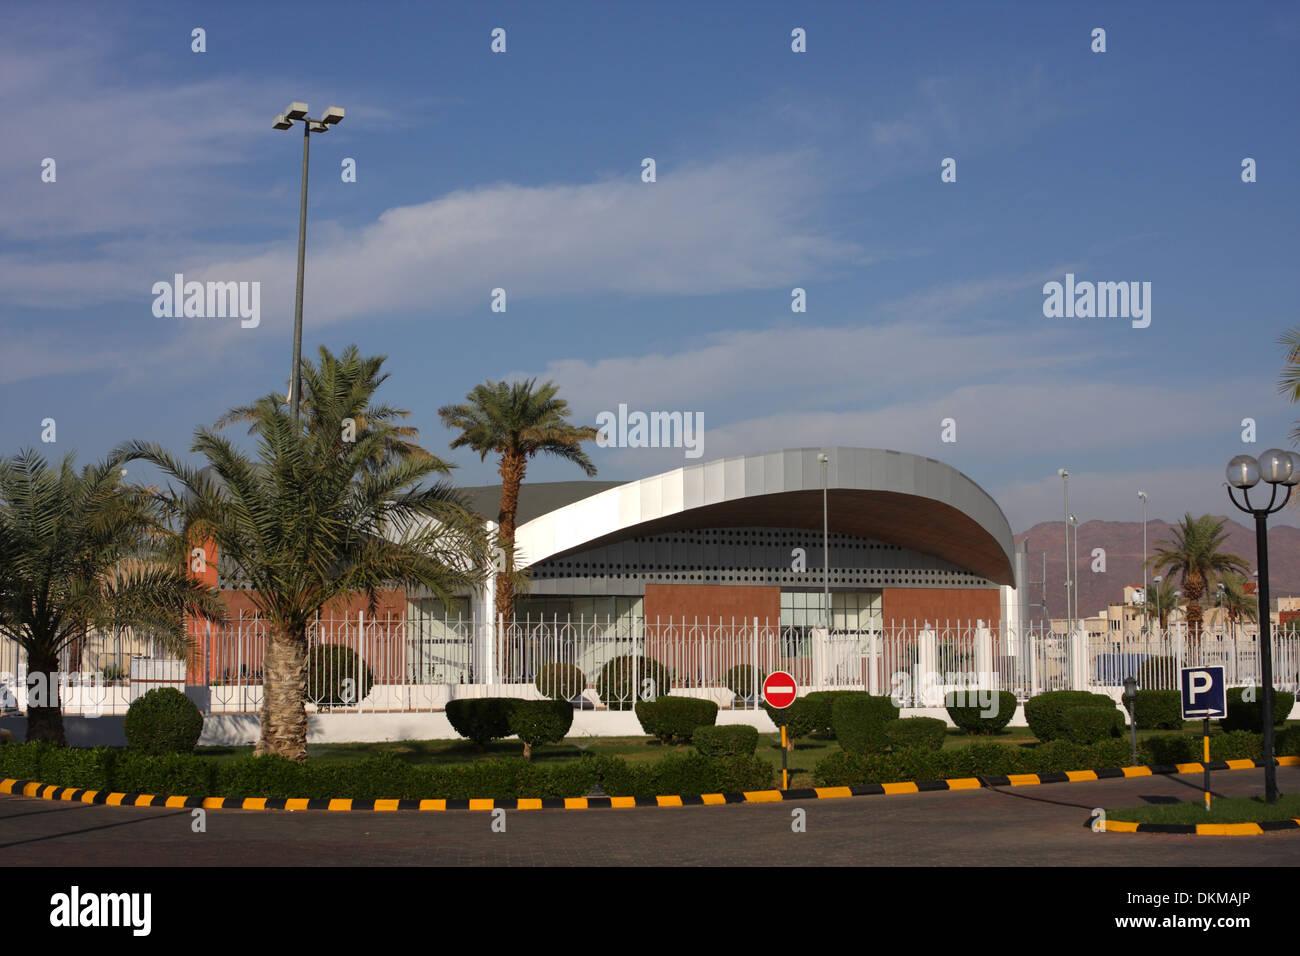 Club de santé de l'hôtel Le Méridien, Medina, Royaume d'Arabie Saoudite Photo Stock